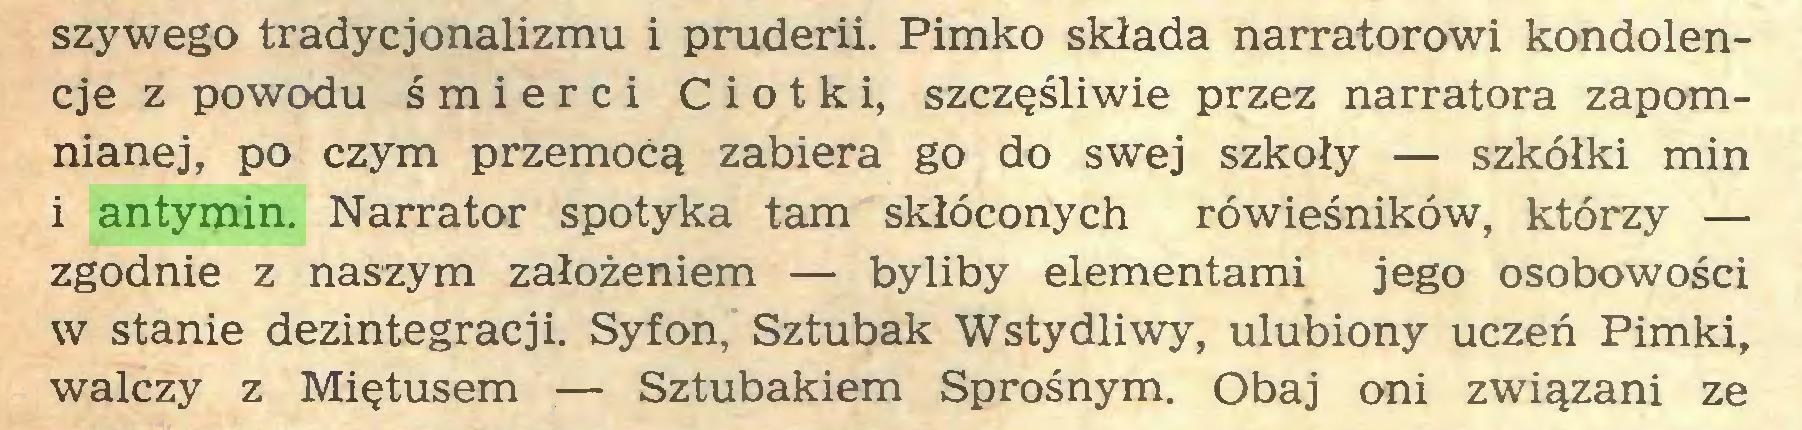 (...) szywego tradycjonalizmu i pruderii. Pimko składa narratorowi kondolencje z powodu śmierci Ciotki, szczęśliwie przez narratora zapomnianej, po czym przemocą zabiera go do swej szkoły — szkółki min 1 antymin. Narrator spotyka tam skłóconych rówieśników, którzy — zgodnie z naszym założeniem — byliby elementami jego osobowości w stanie dezintegracji. Syfon, Sztubak Wstydliwy, ulubiony uczeń Pimki, walczy z Miętusem — Sztubakiem Sprośnym. Obaj oni związani ze...